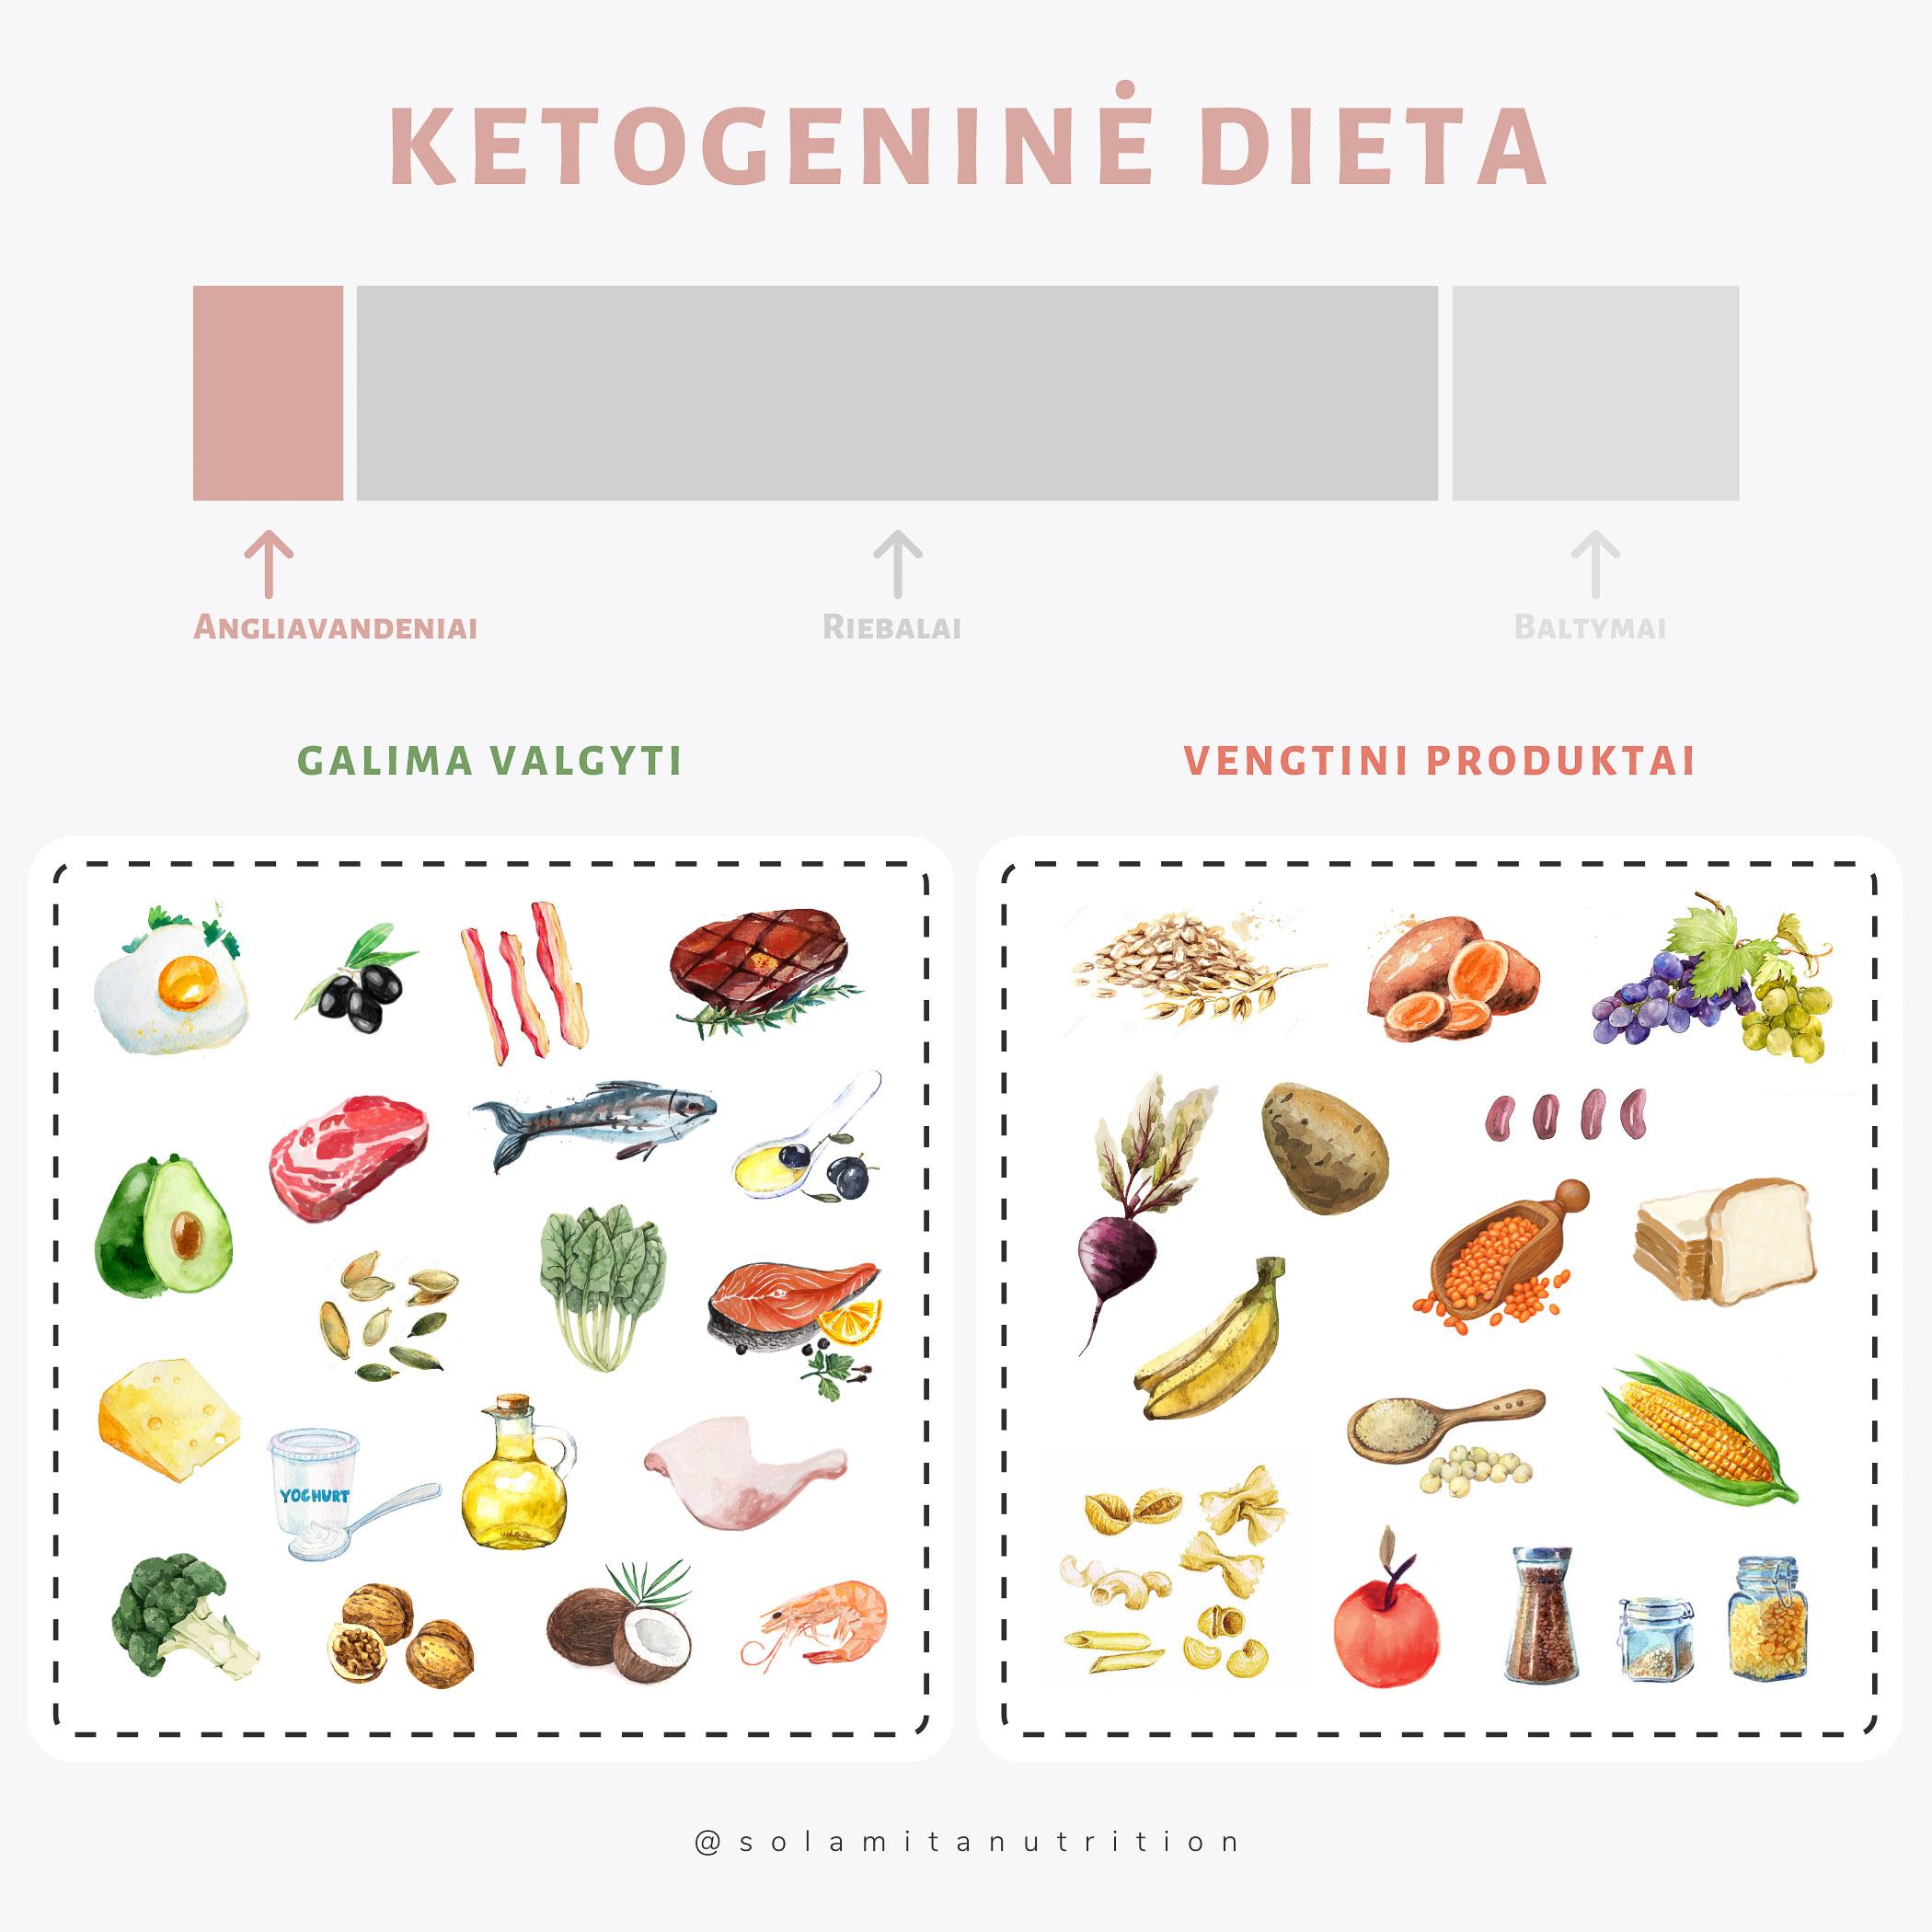 geriausia dieta širdies sveikatai ir diabetui gydyti)